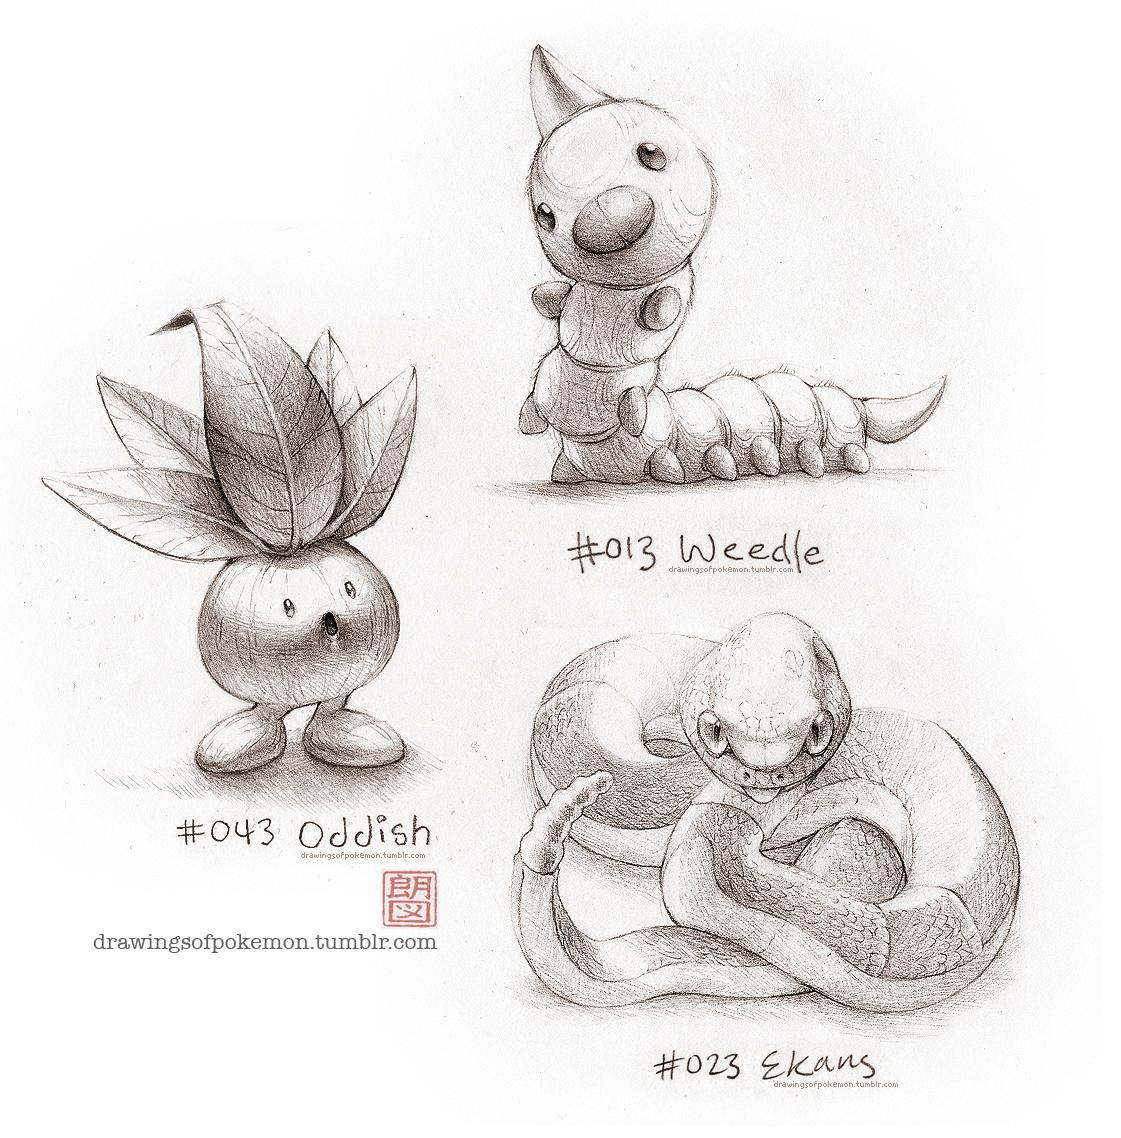 Weedle, Ekans and Oddish